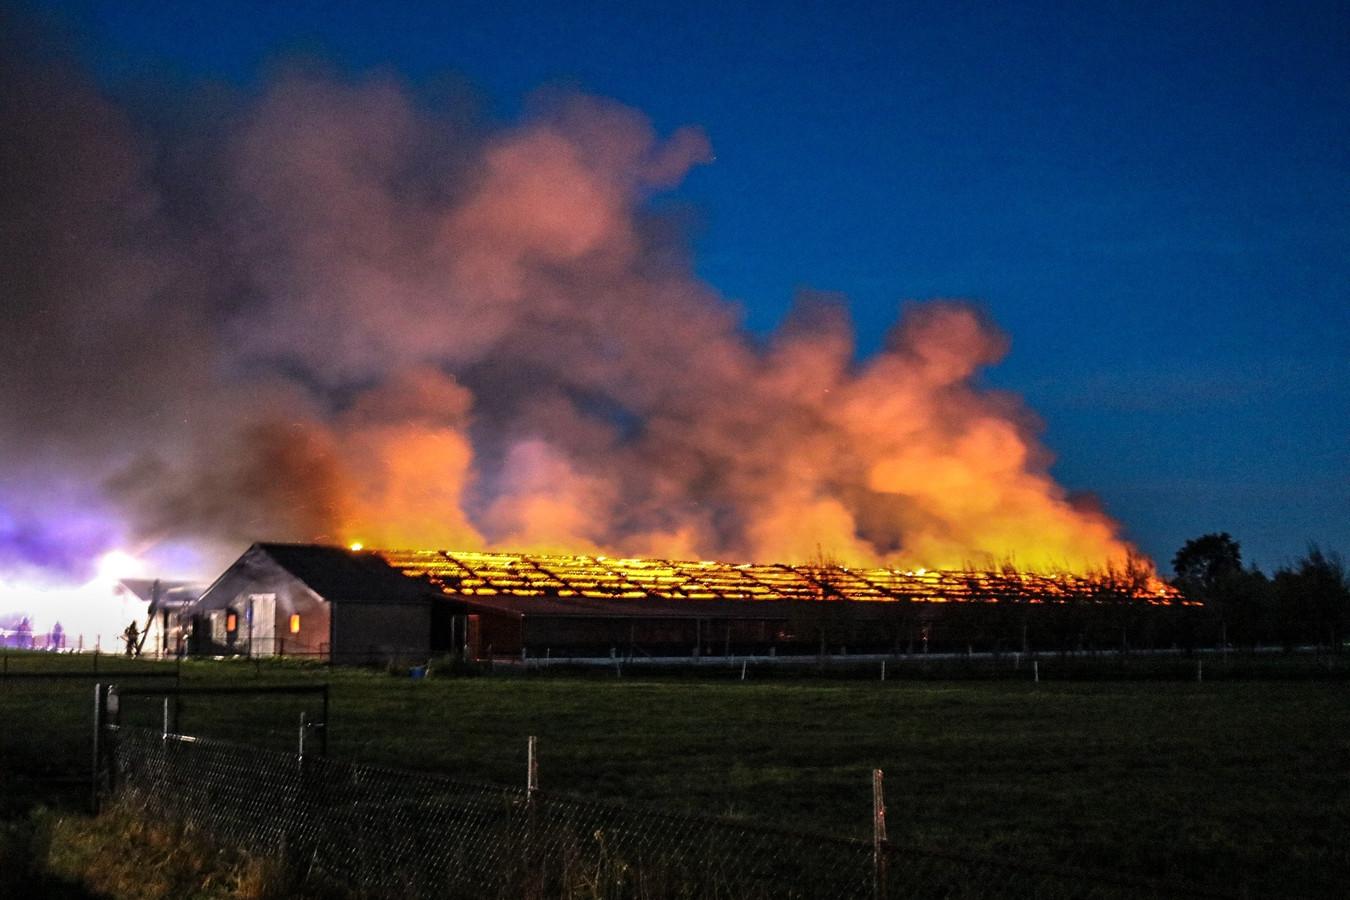 Bij een grote brand in een schuur in Barneveld kwamen 20.000 kippen om het leven